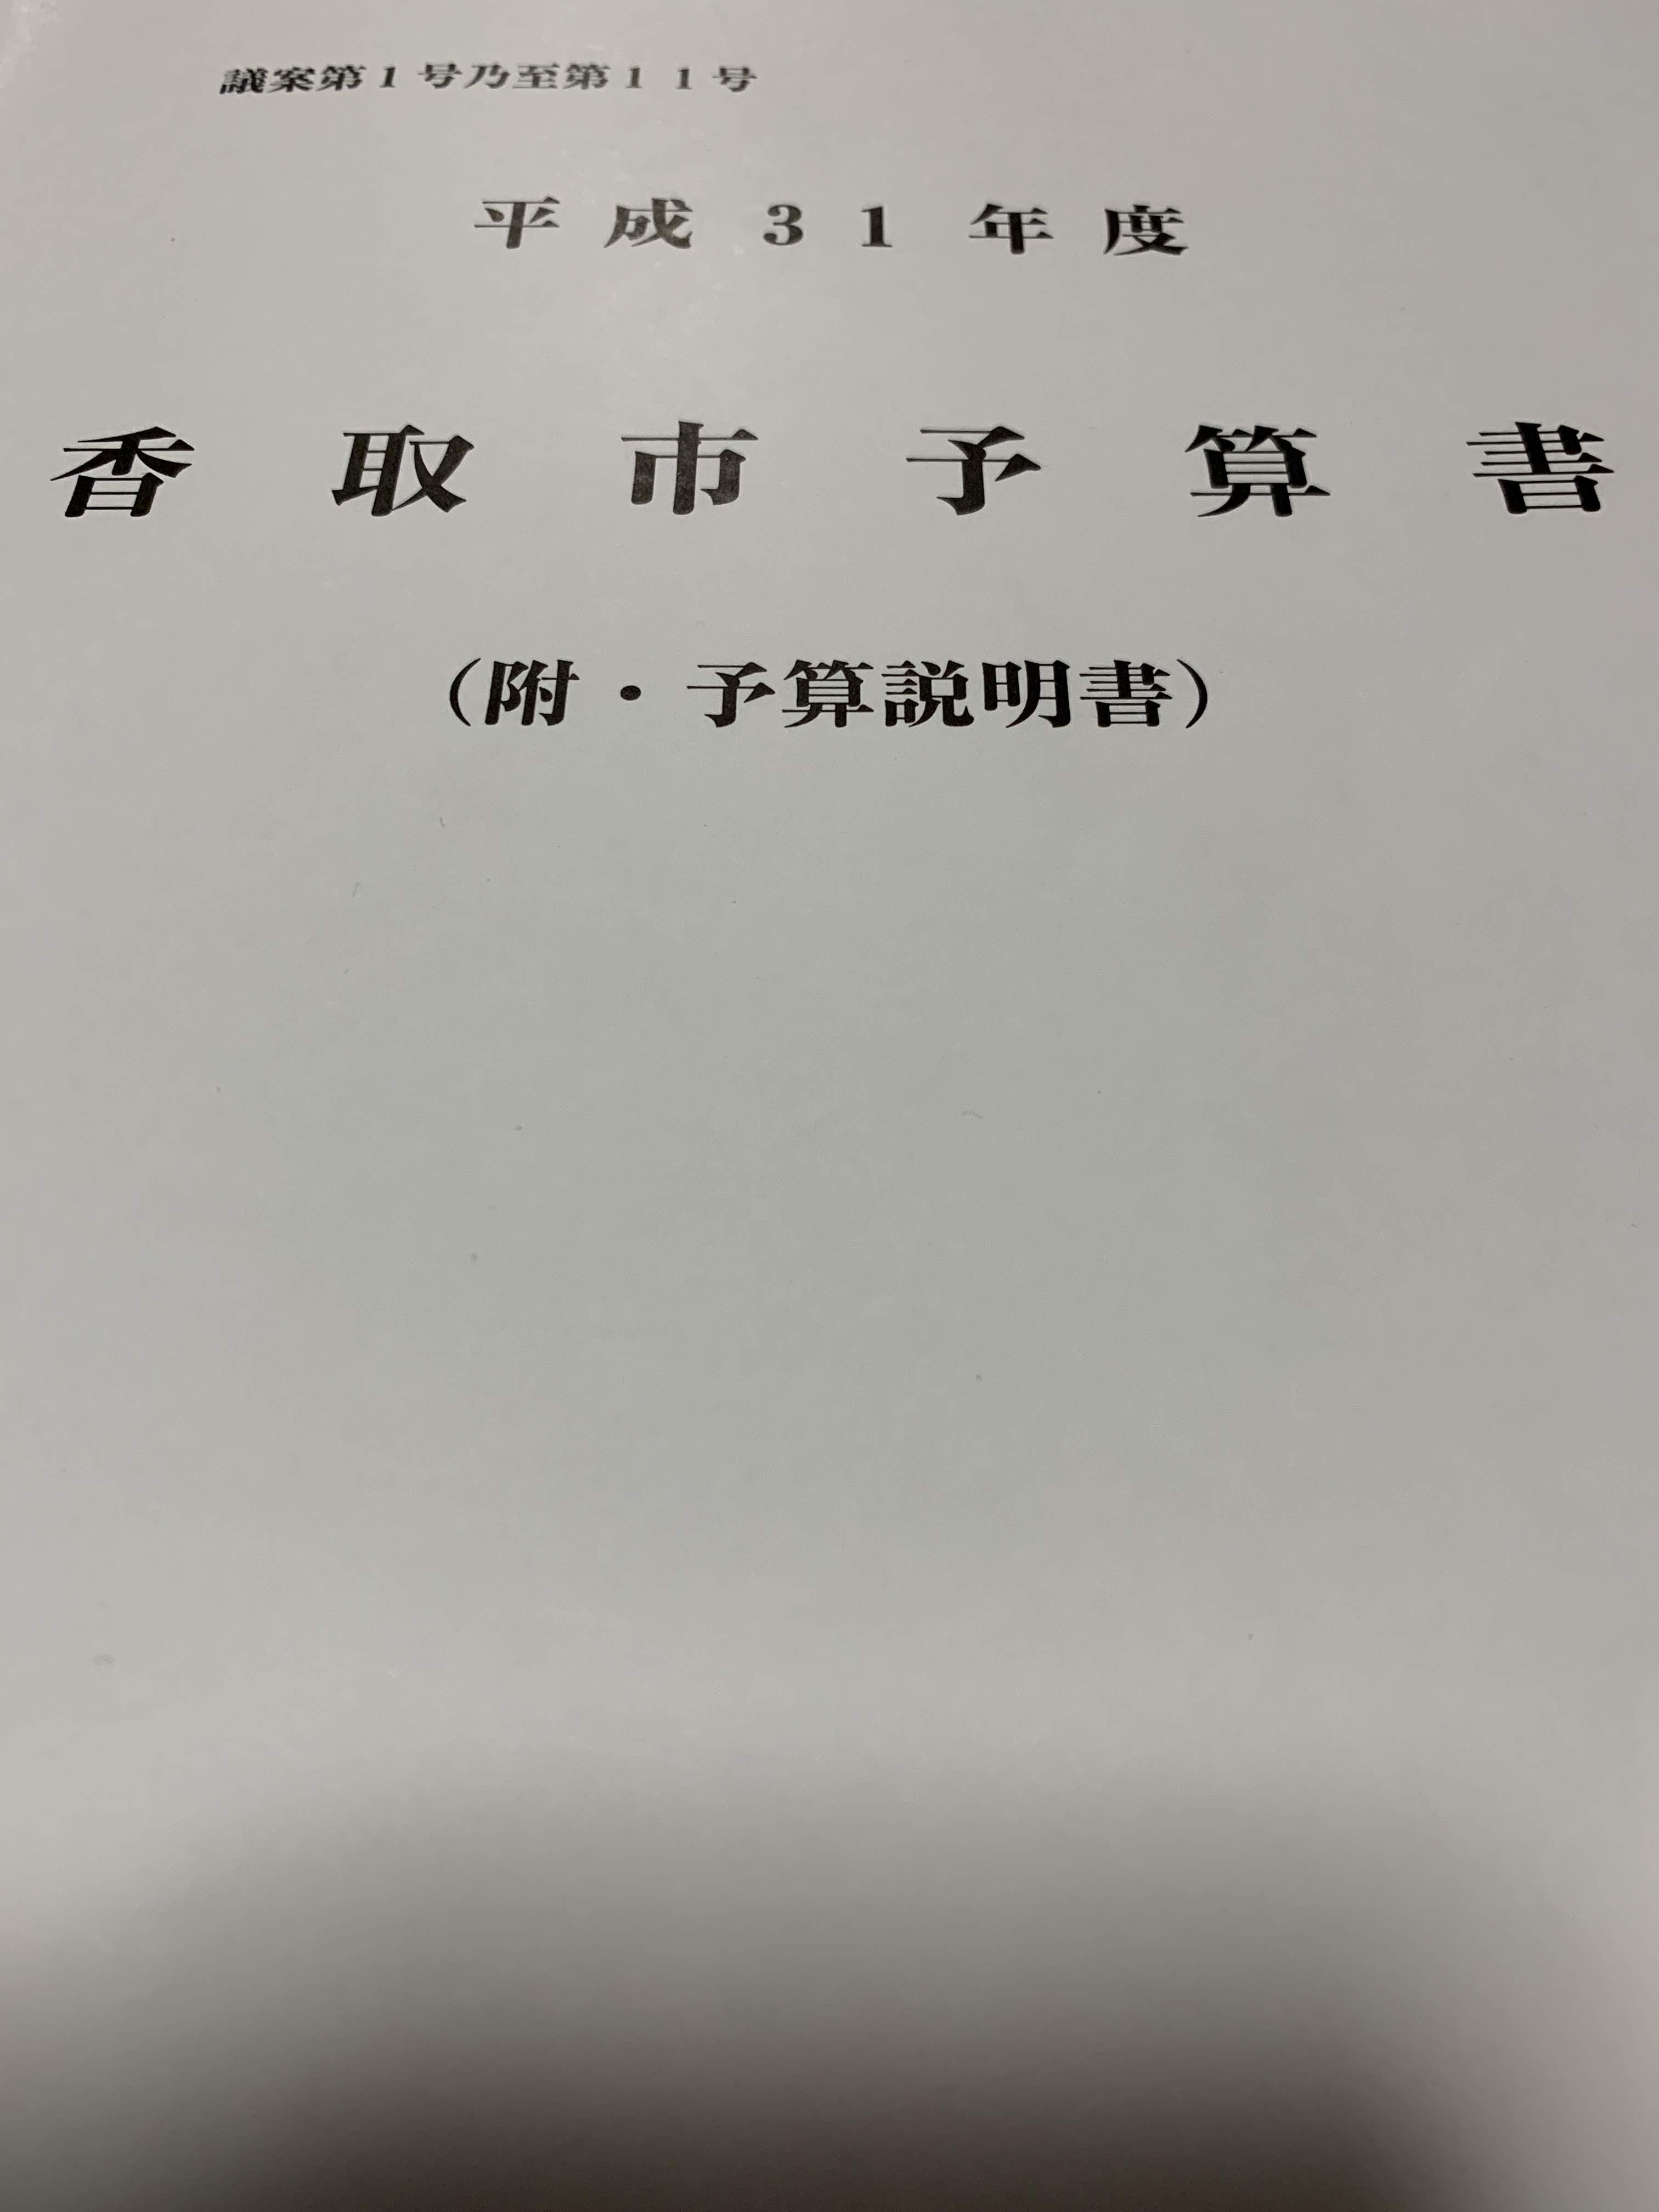 平成31年香取市議会3月定例会予算案